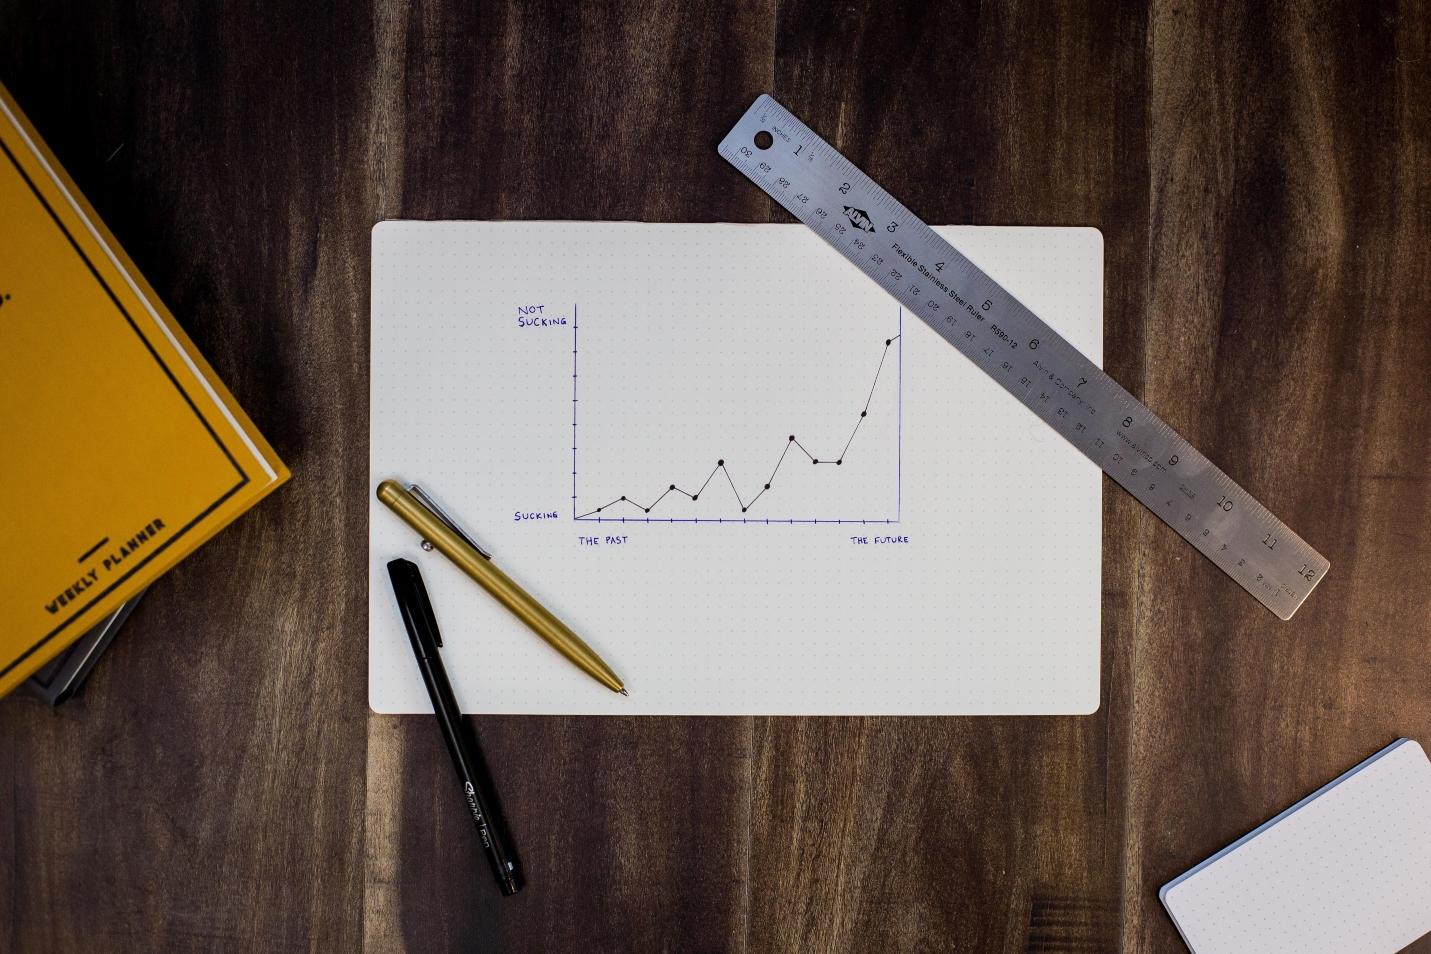 line-chart-on-desk